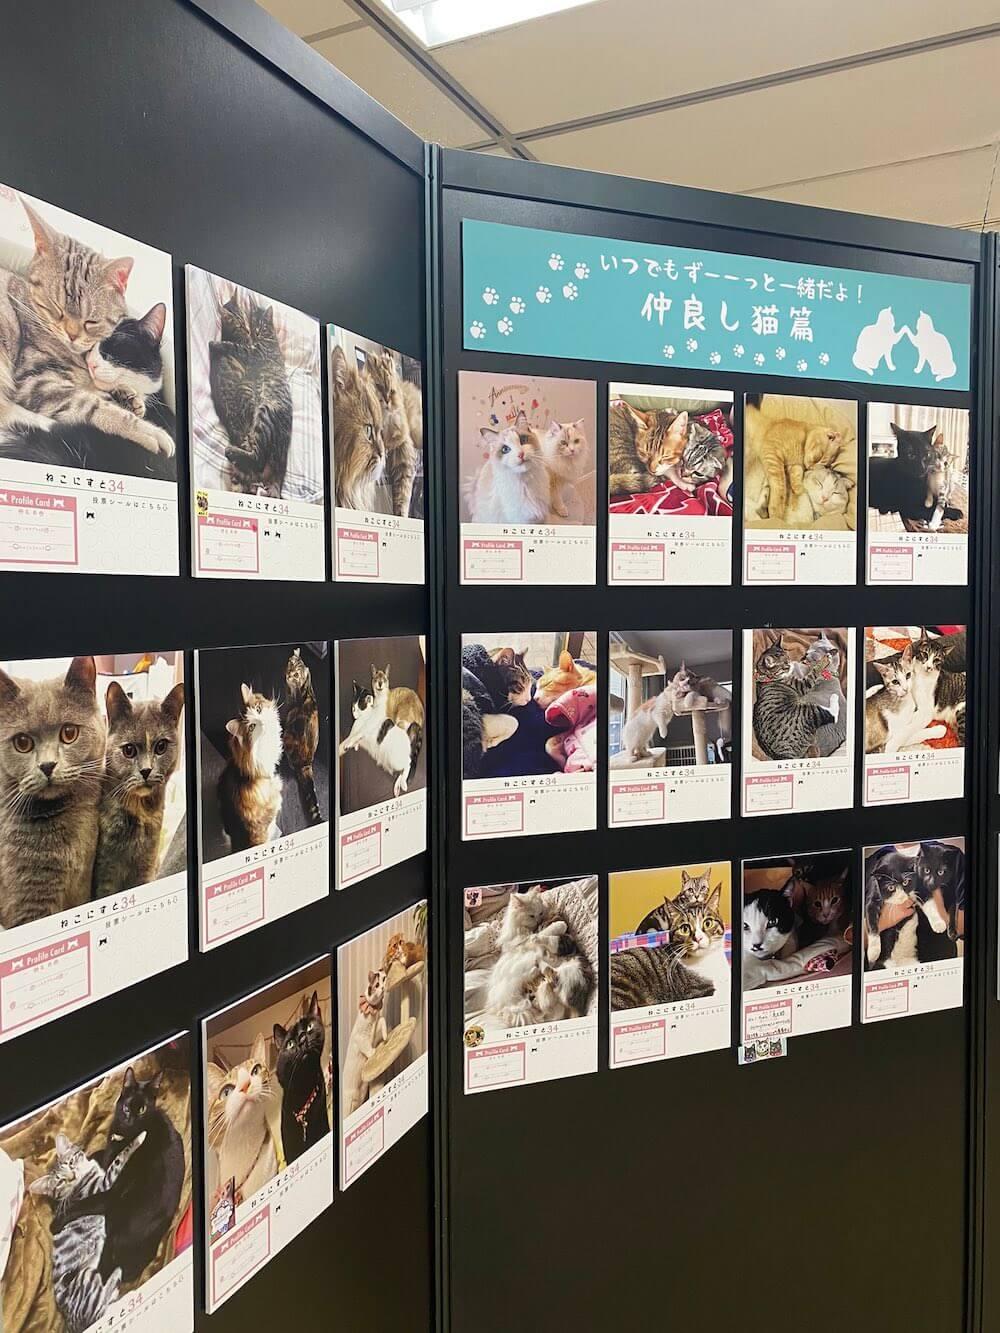 猫の写真展示やグッズ販売を行う企画展「ねこにすと(NEKO-NIST)」第34回の開催風景